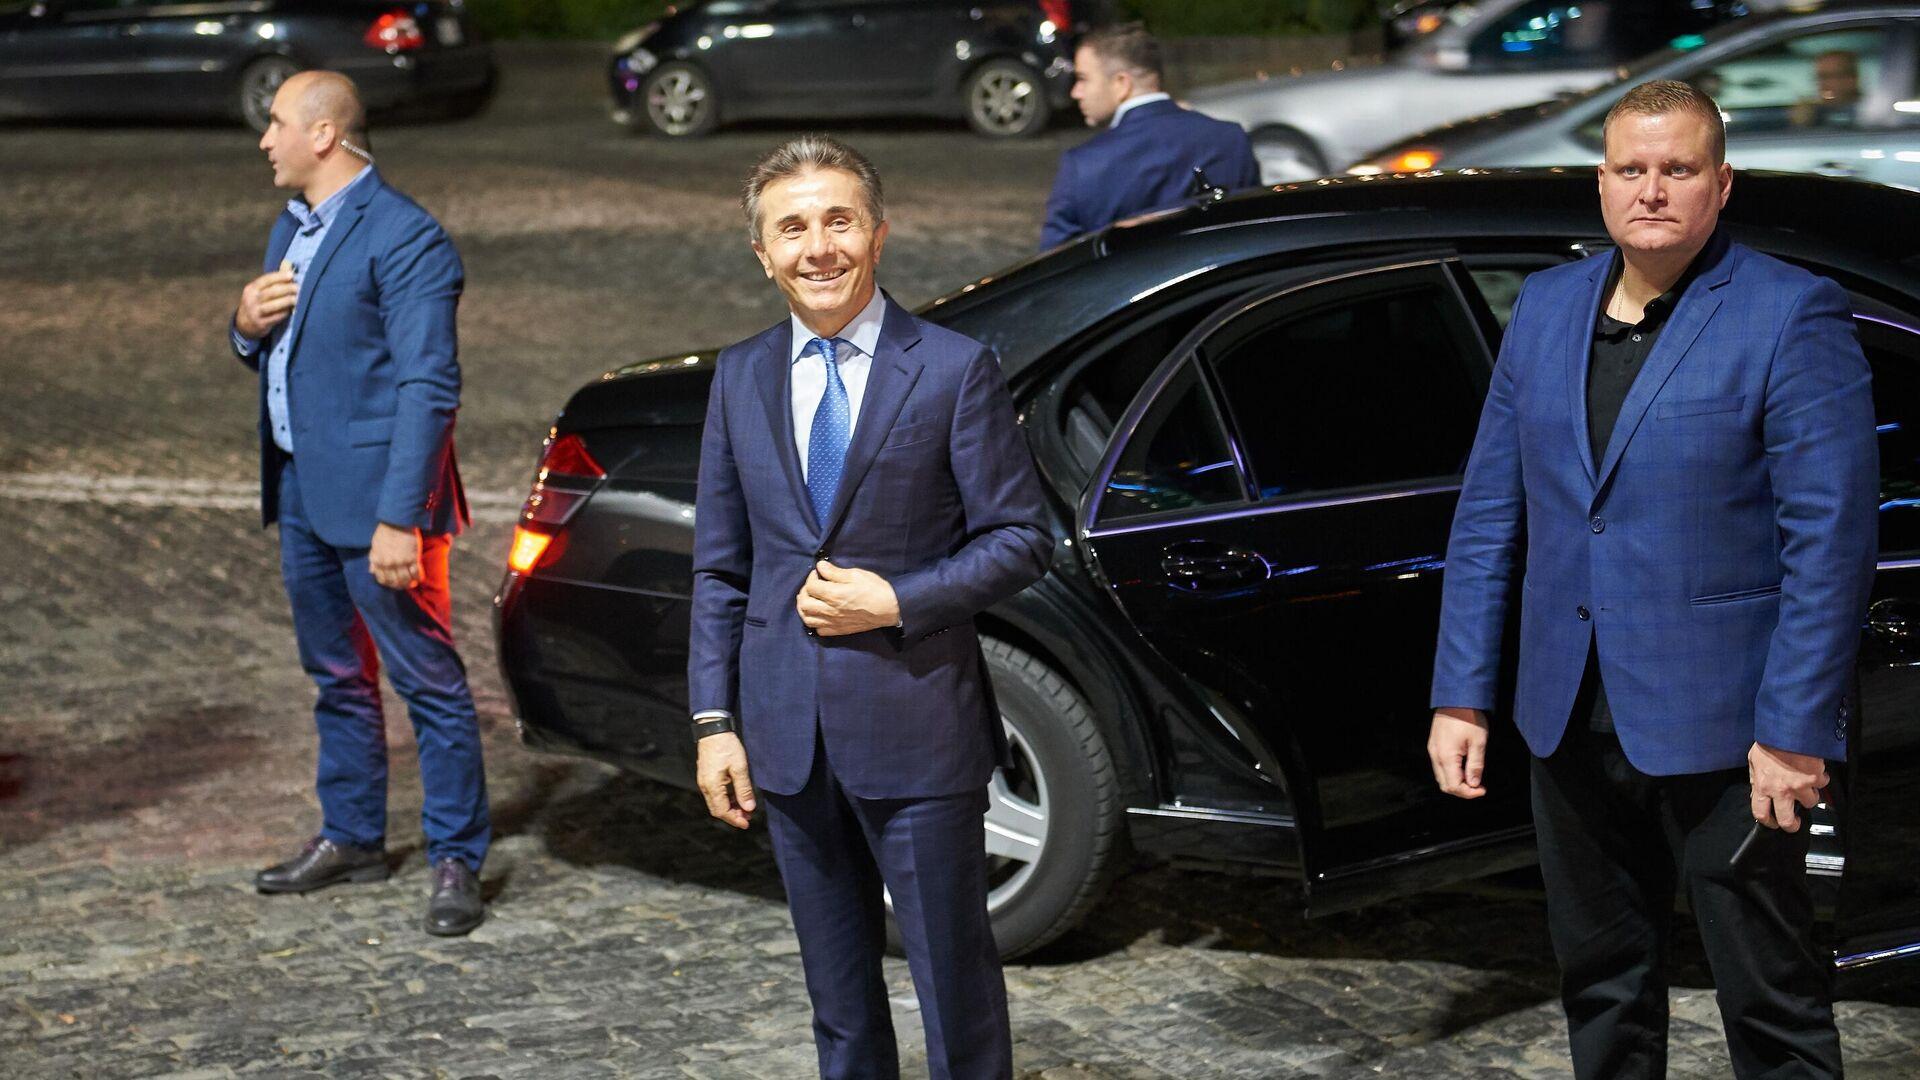 Председатель и основатель правящей в Грузии партии Грузинская мечта Бидзина Иванишвили - РИА Новости, 1920, 11.01.2021